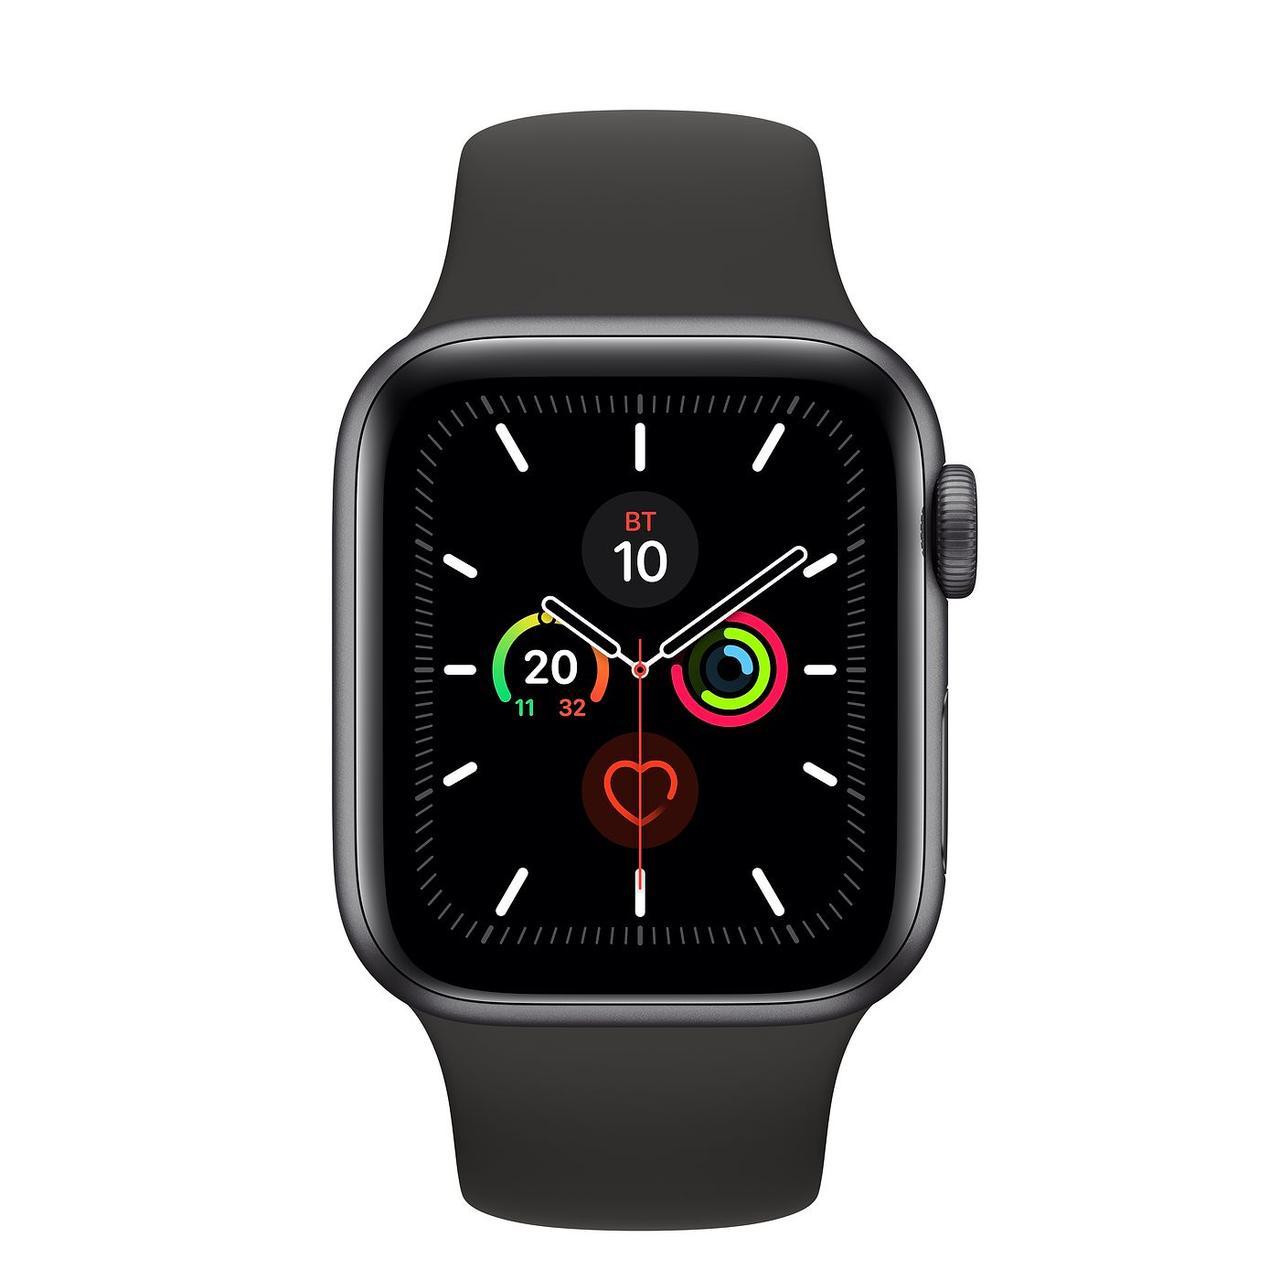 Apple Watch Series 5, 40 мм, корпус из алюминия цвета «серый космос», спортивный браслет чёрного цвета